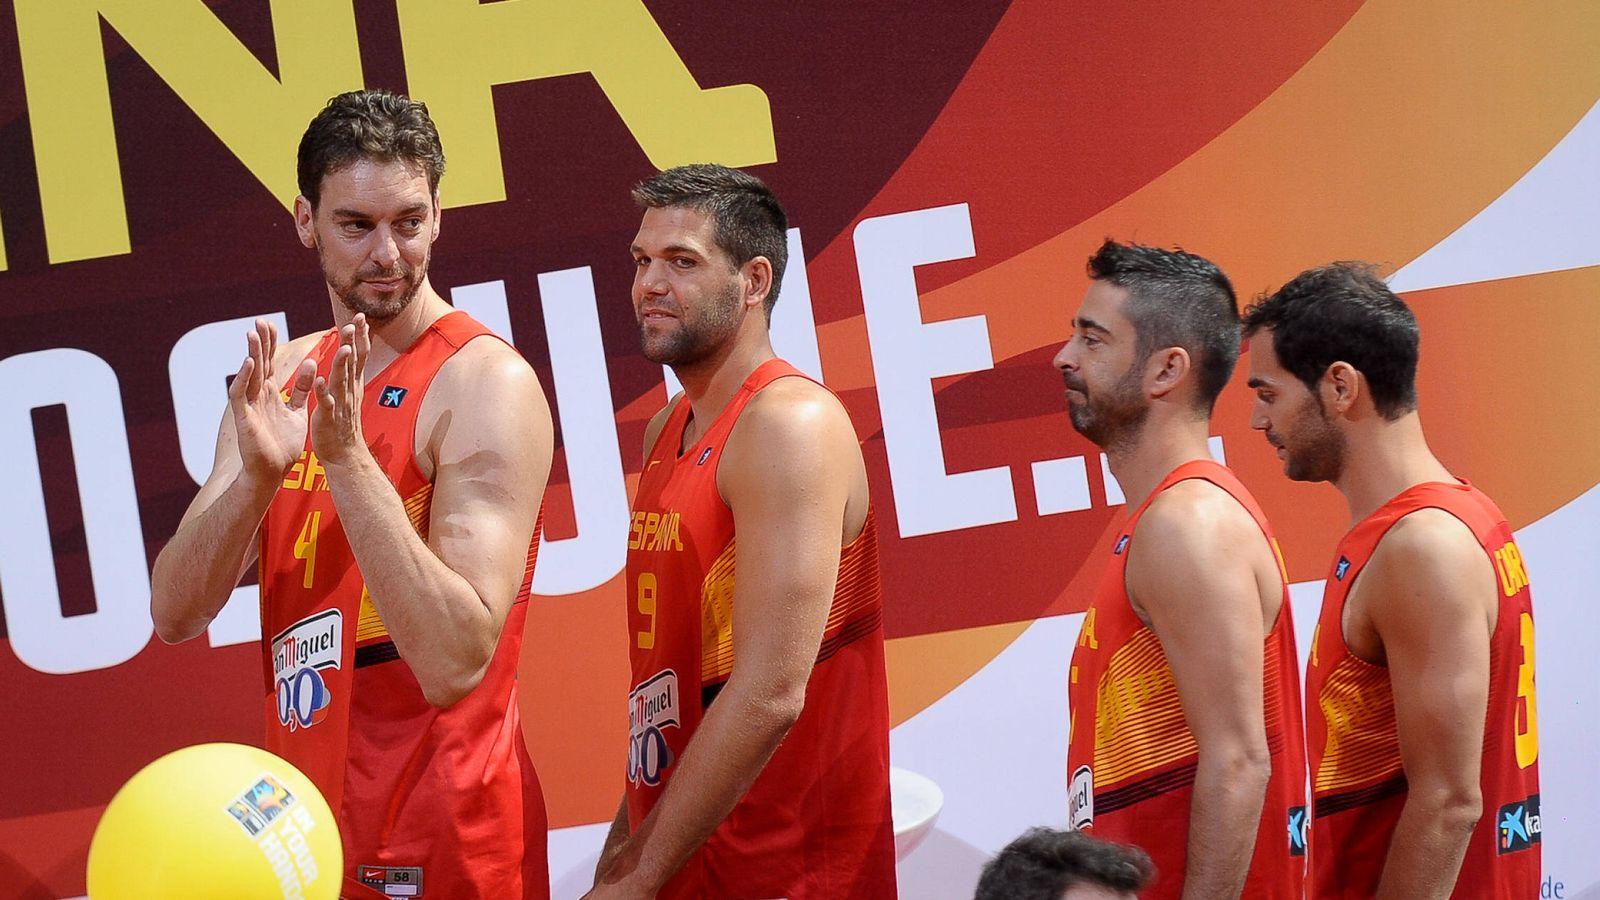 Foto: Pau Gasol, Felipe Reyes, Juan Carlos Navarro y José Manuel Calderón antes de la Copa del Mundo de 2014 celebrada en España. (Gtres)